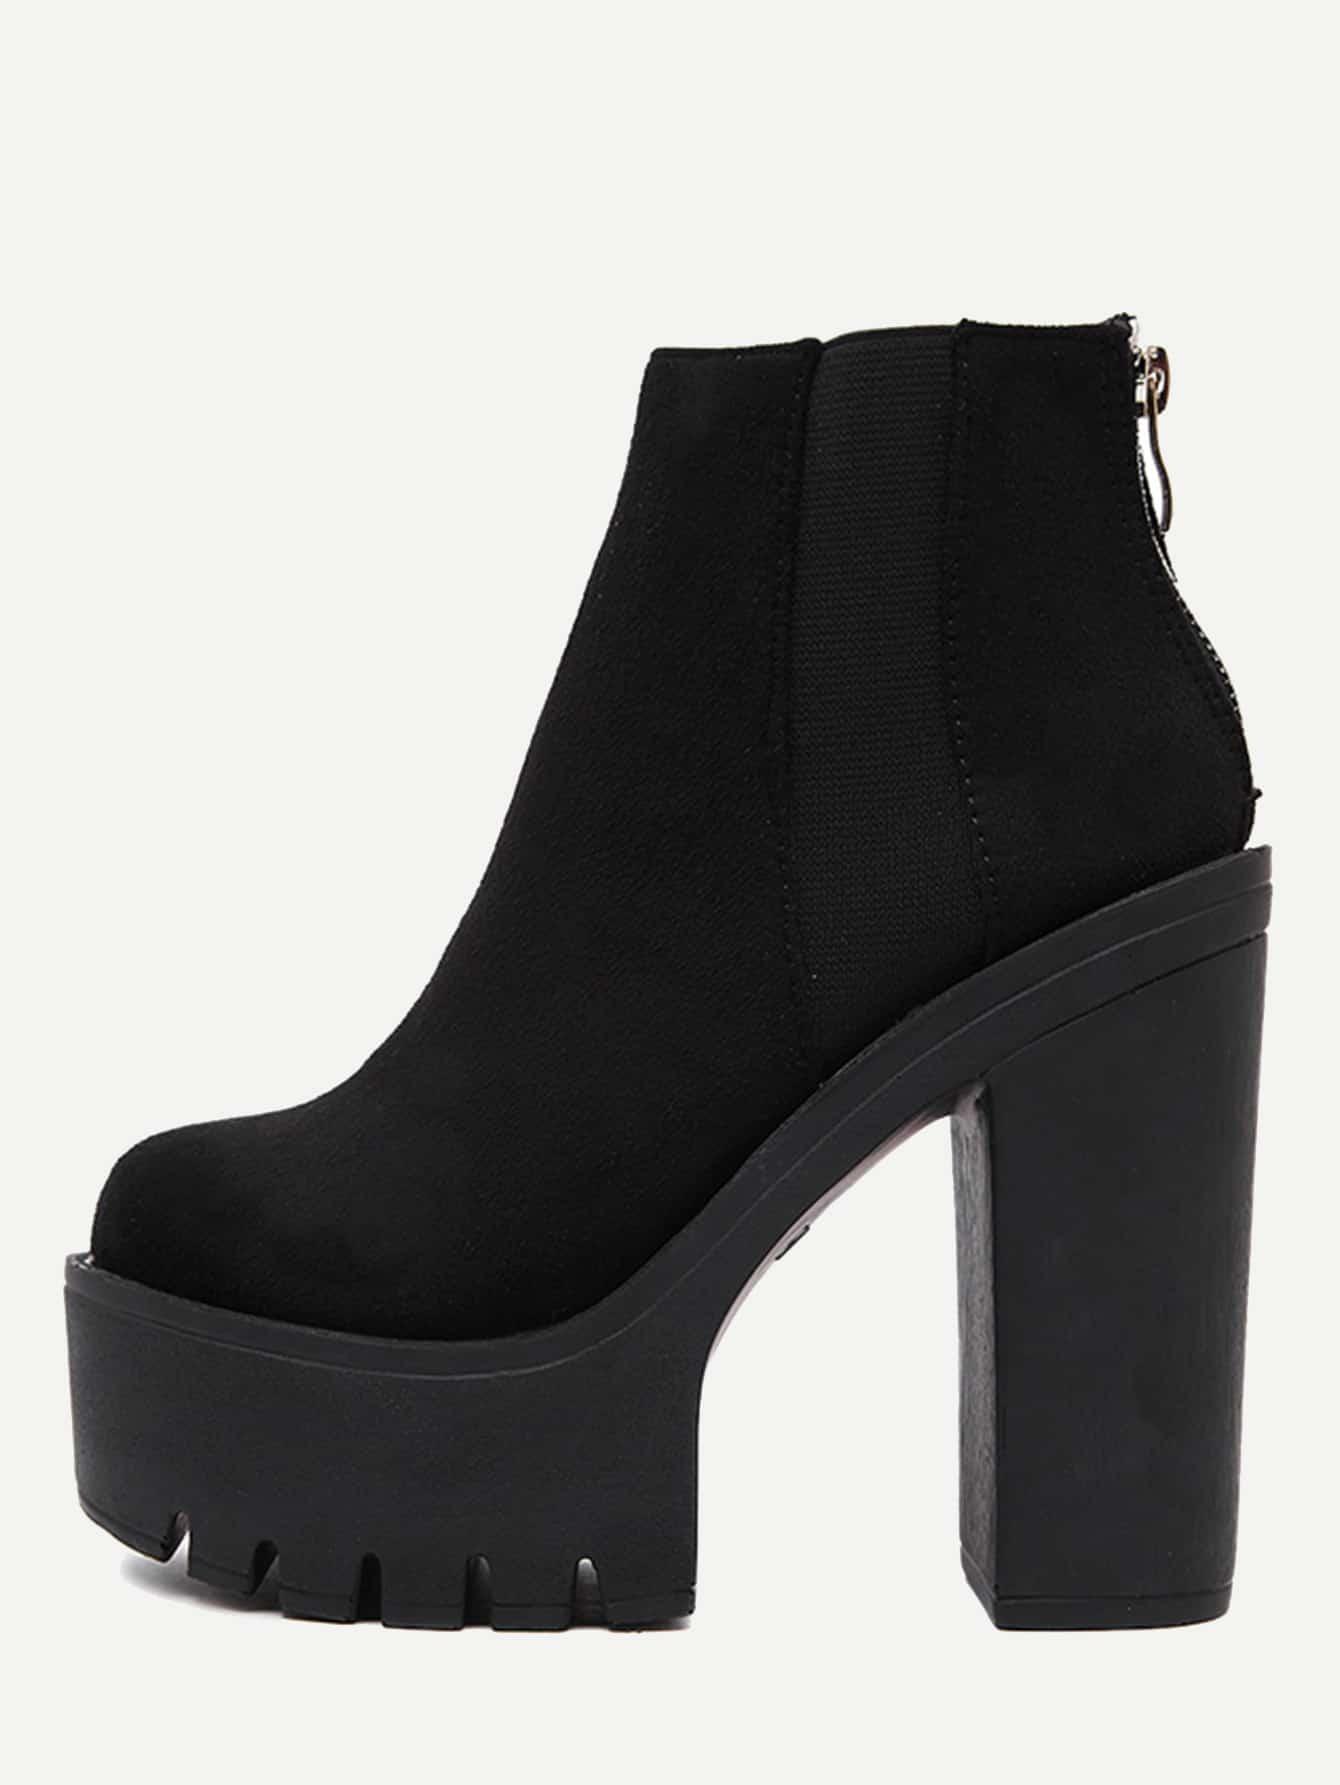 shoes160818803_2